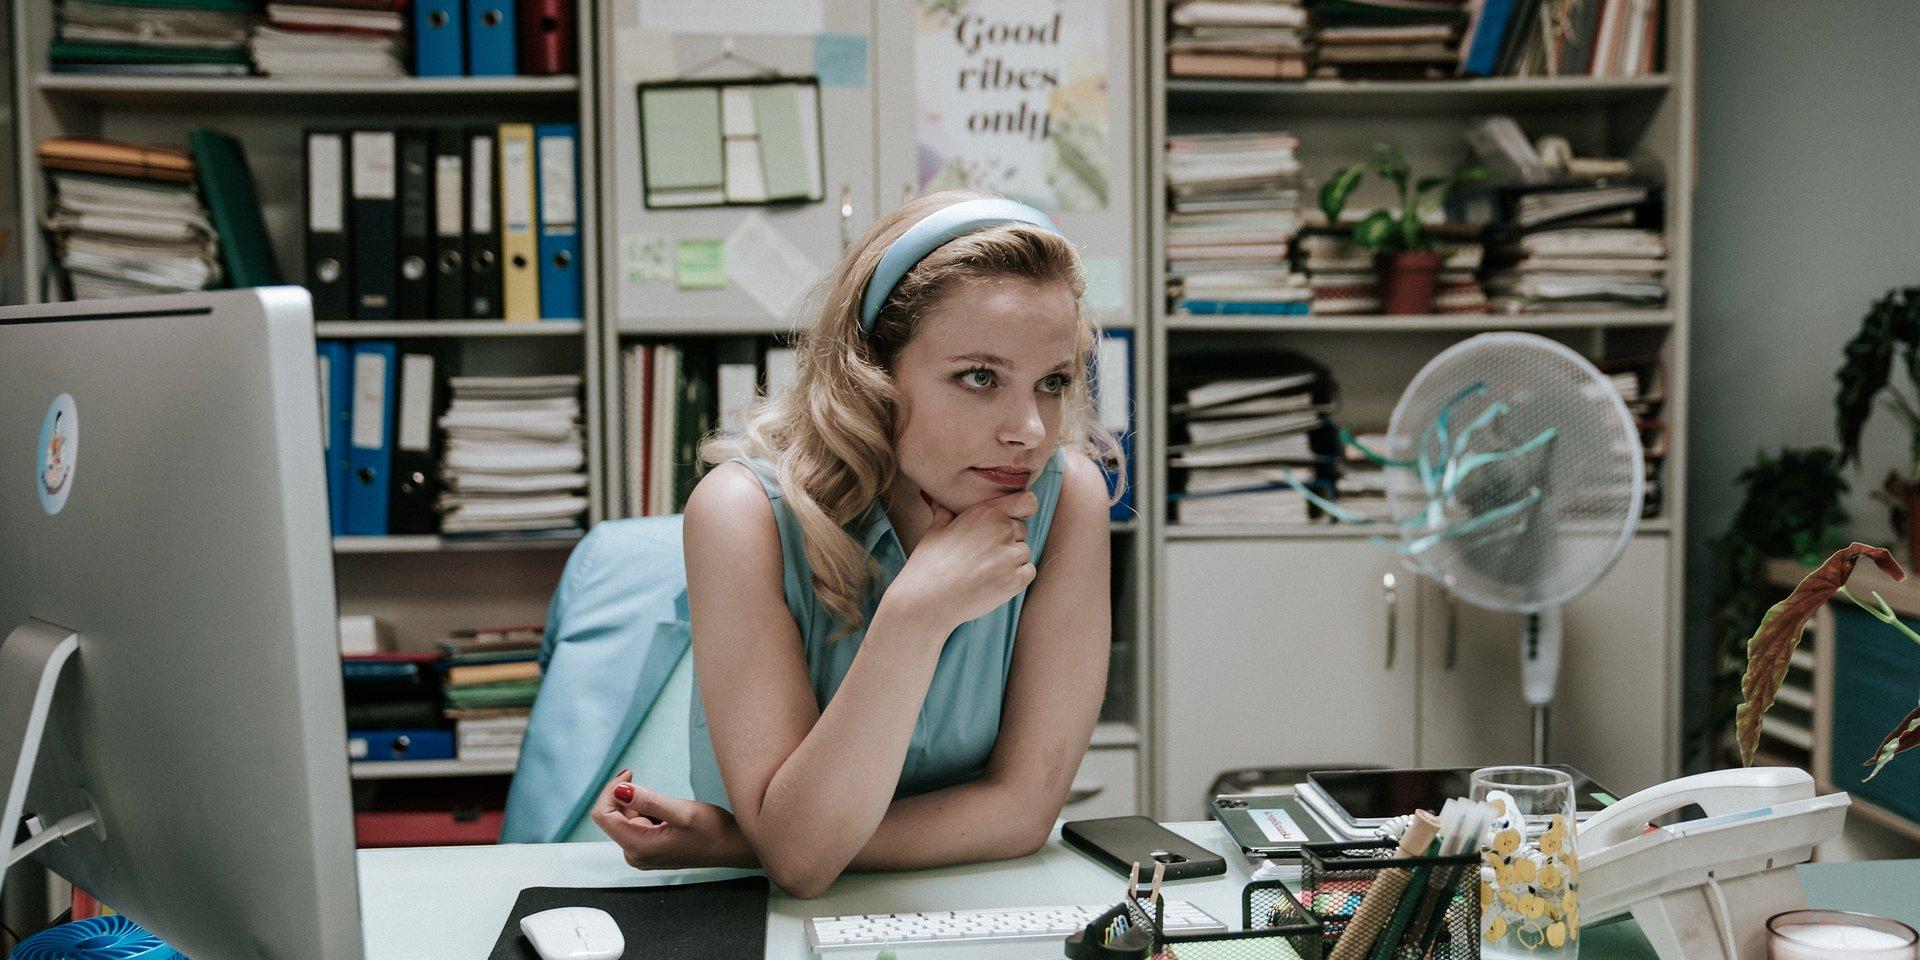 CANAL+ prezentuje pierwsze recenzje THE OFFICE PL. Premiera polskiej wersji kultowego serialu już jutro.